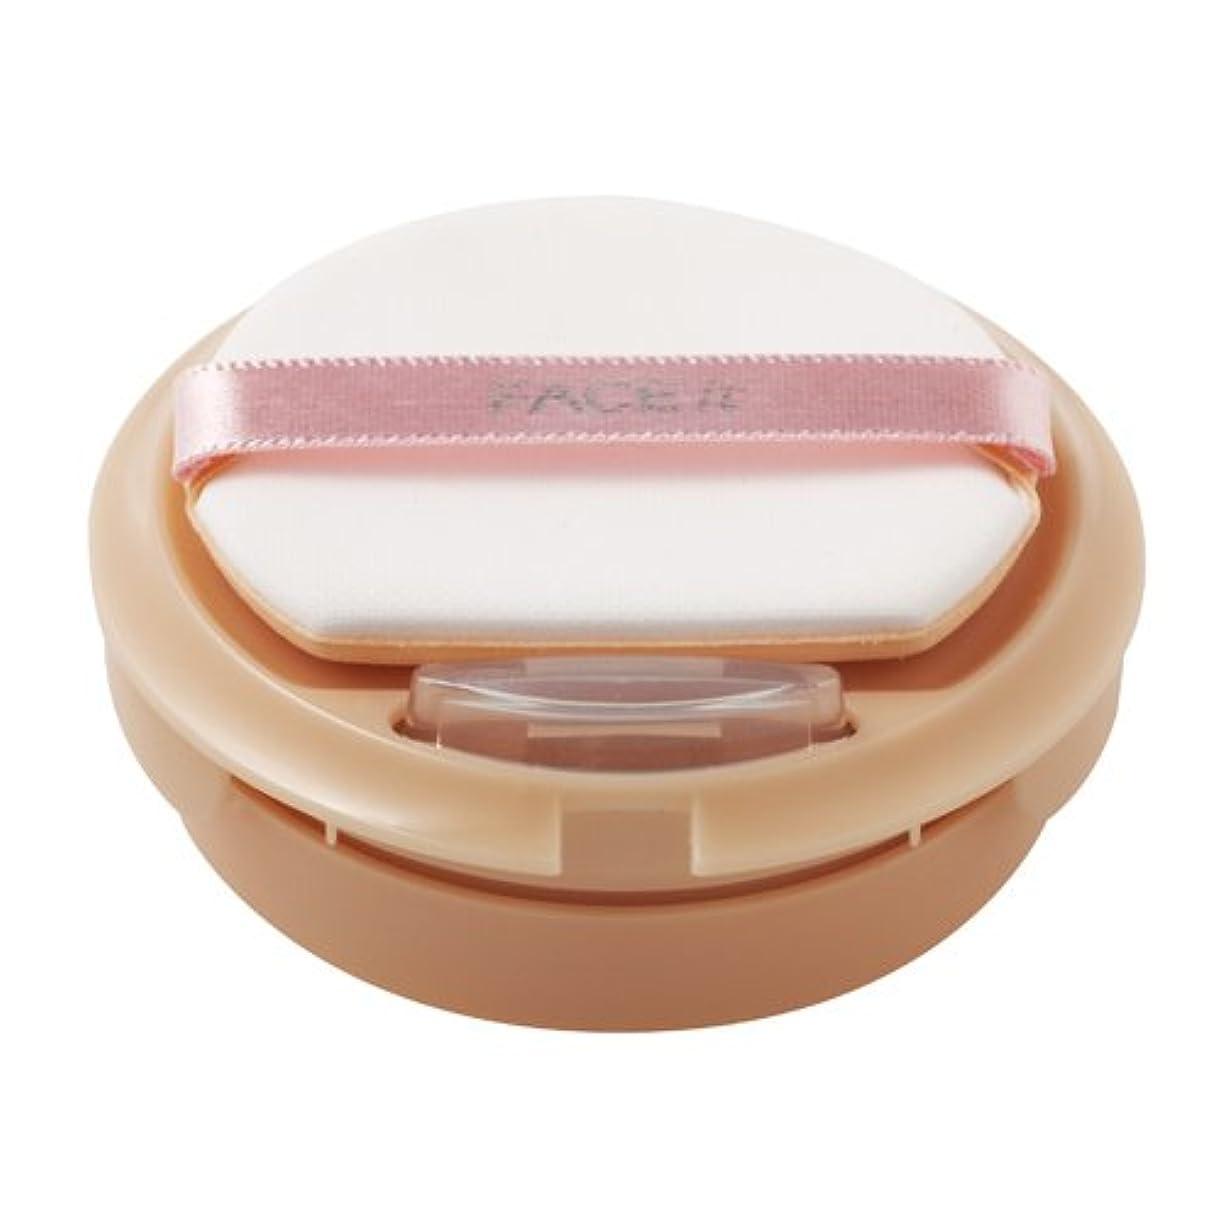 アルネリレーマナー[Refill] # 01 Radiant Beige THE FACE SHOP Face It Aura Color Control Cream ザフェイスショップ フェイスイット アウラ カラーコントロール クリーム...